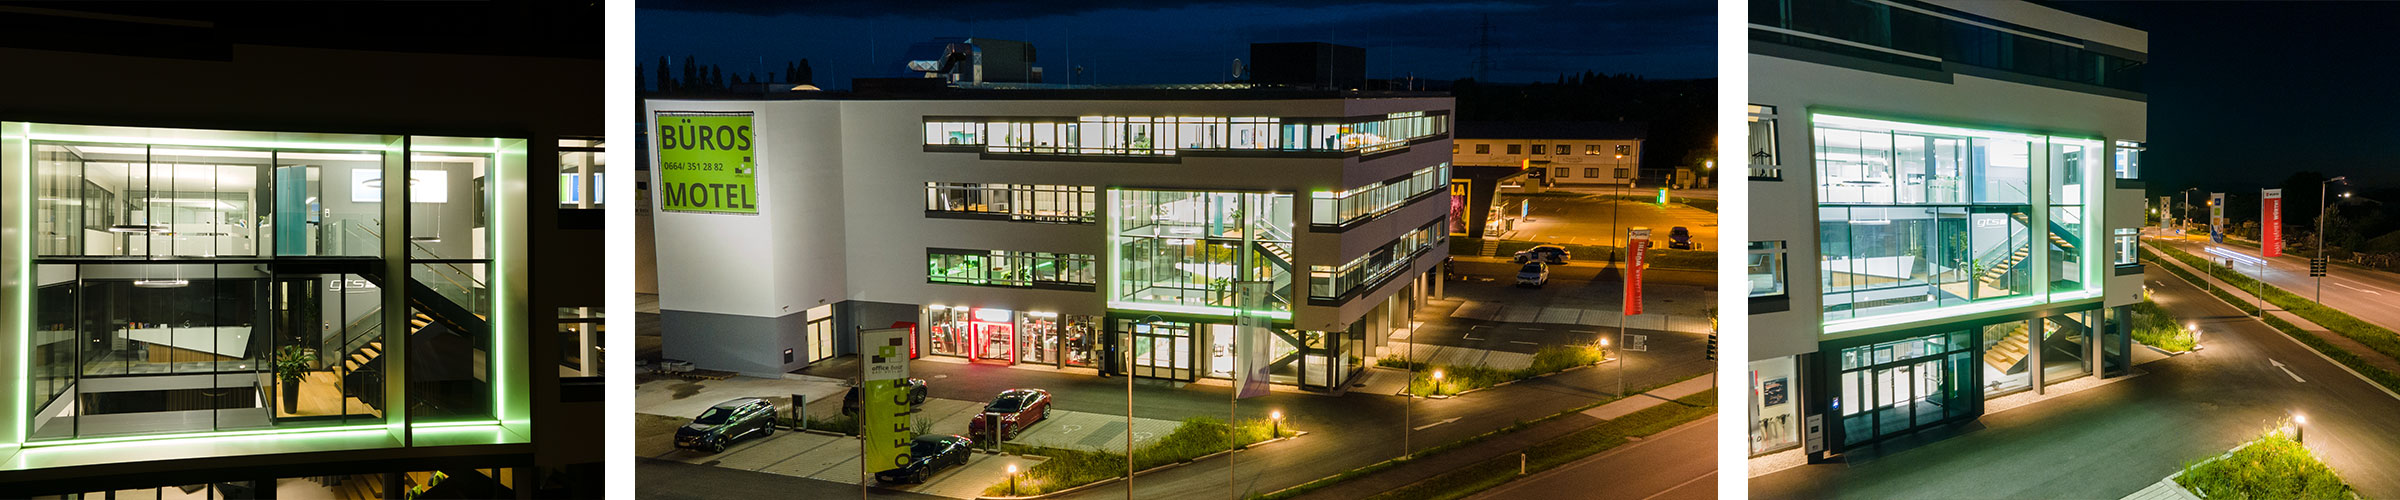 Office Base Bad Vöslau mit Tunable White Leuchten von SML LED